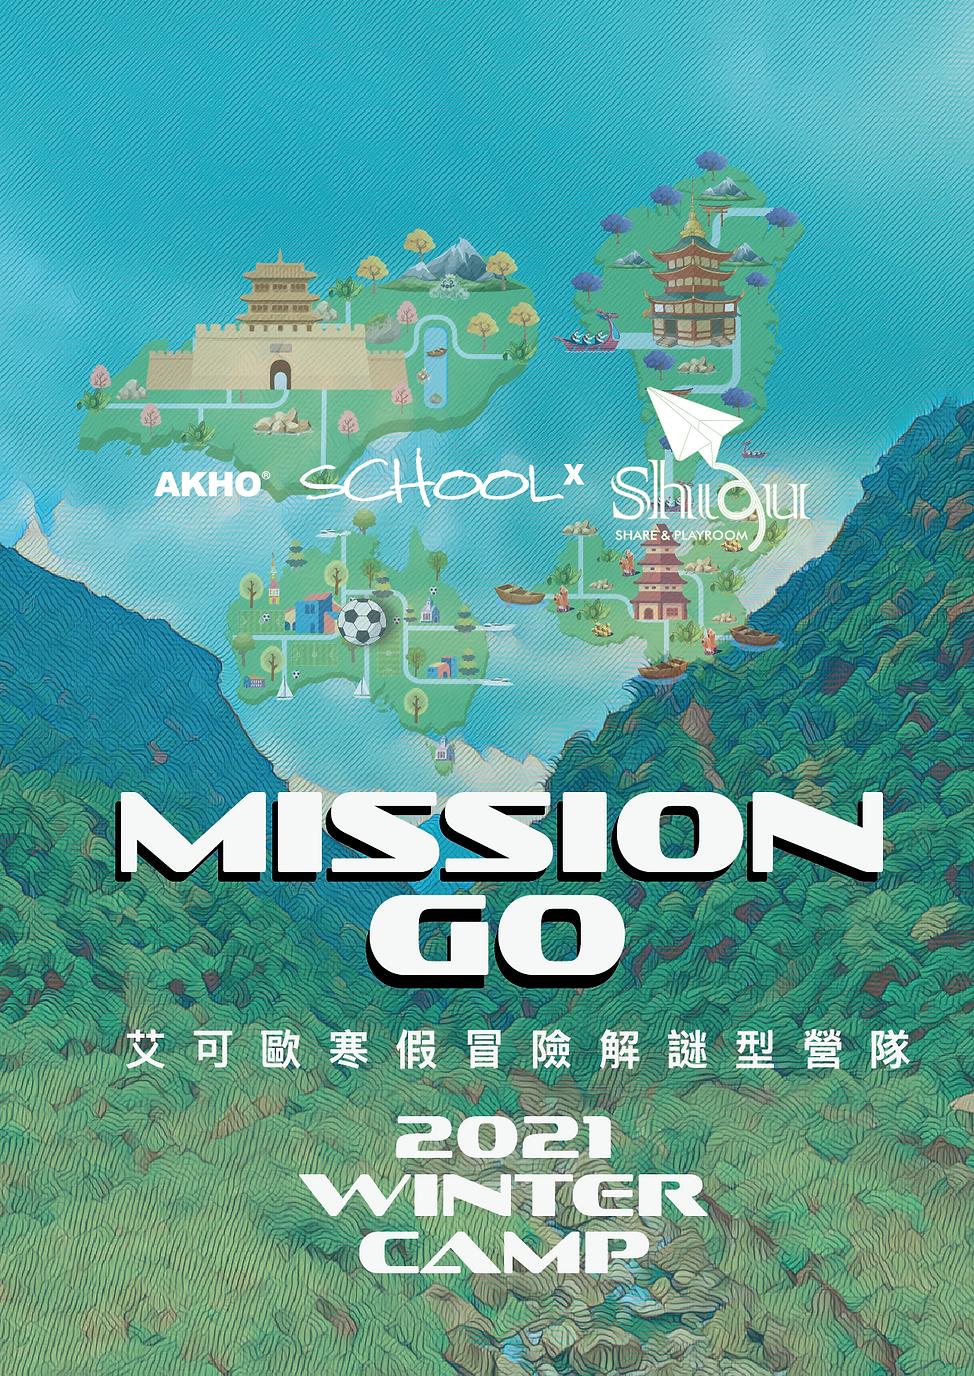 pokemon web poster 222_工作區域 1.png